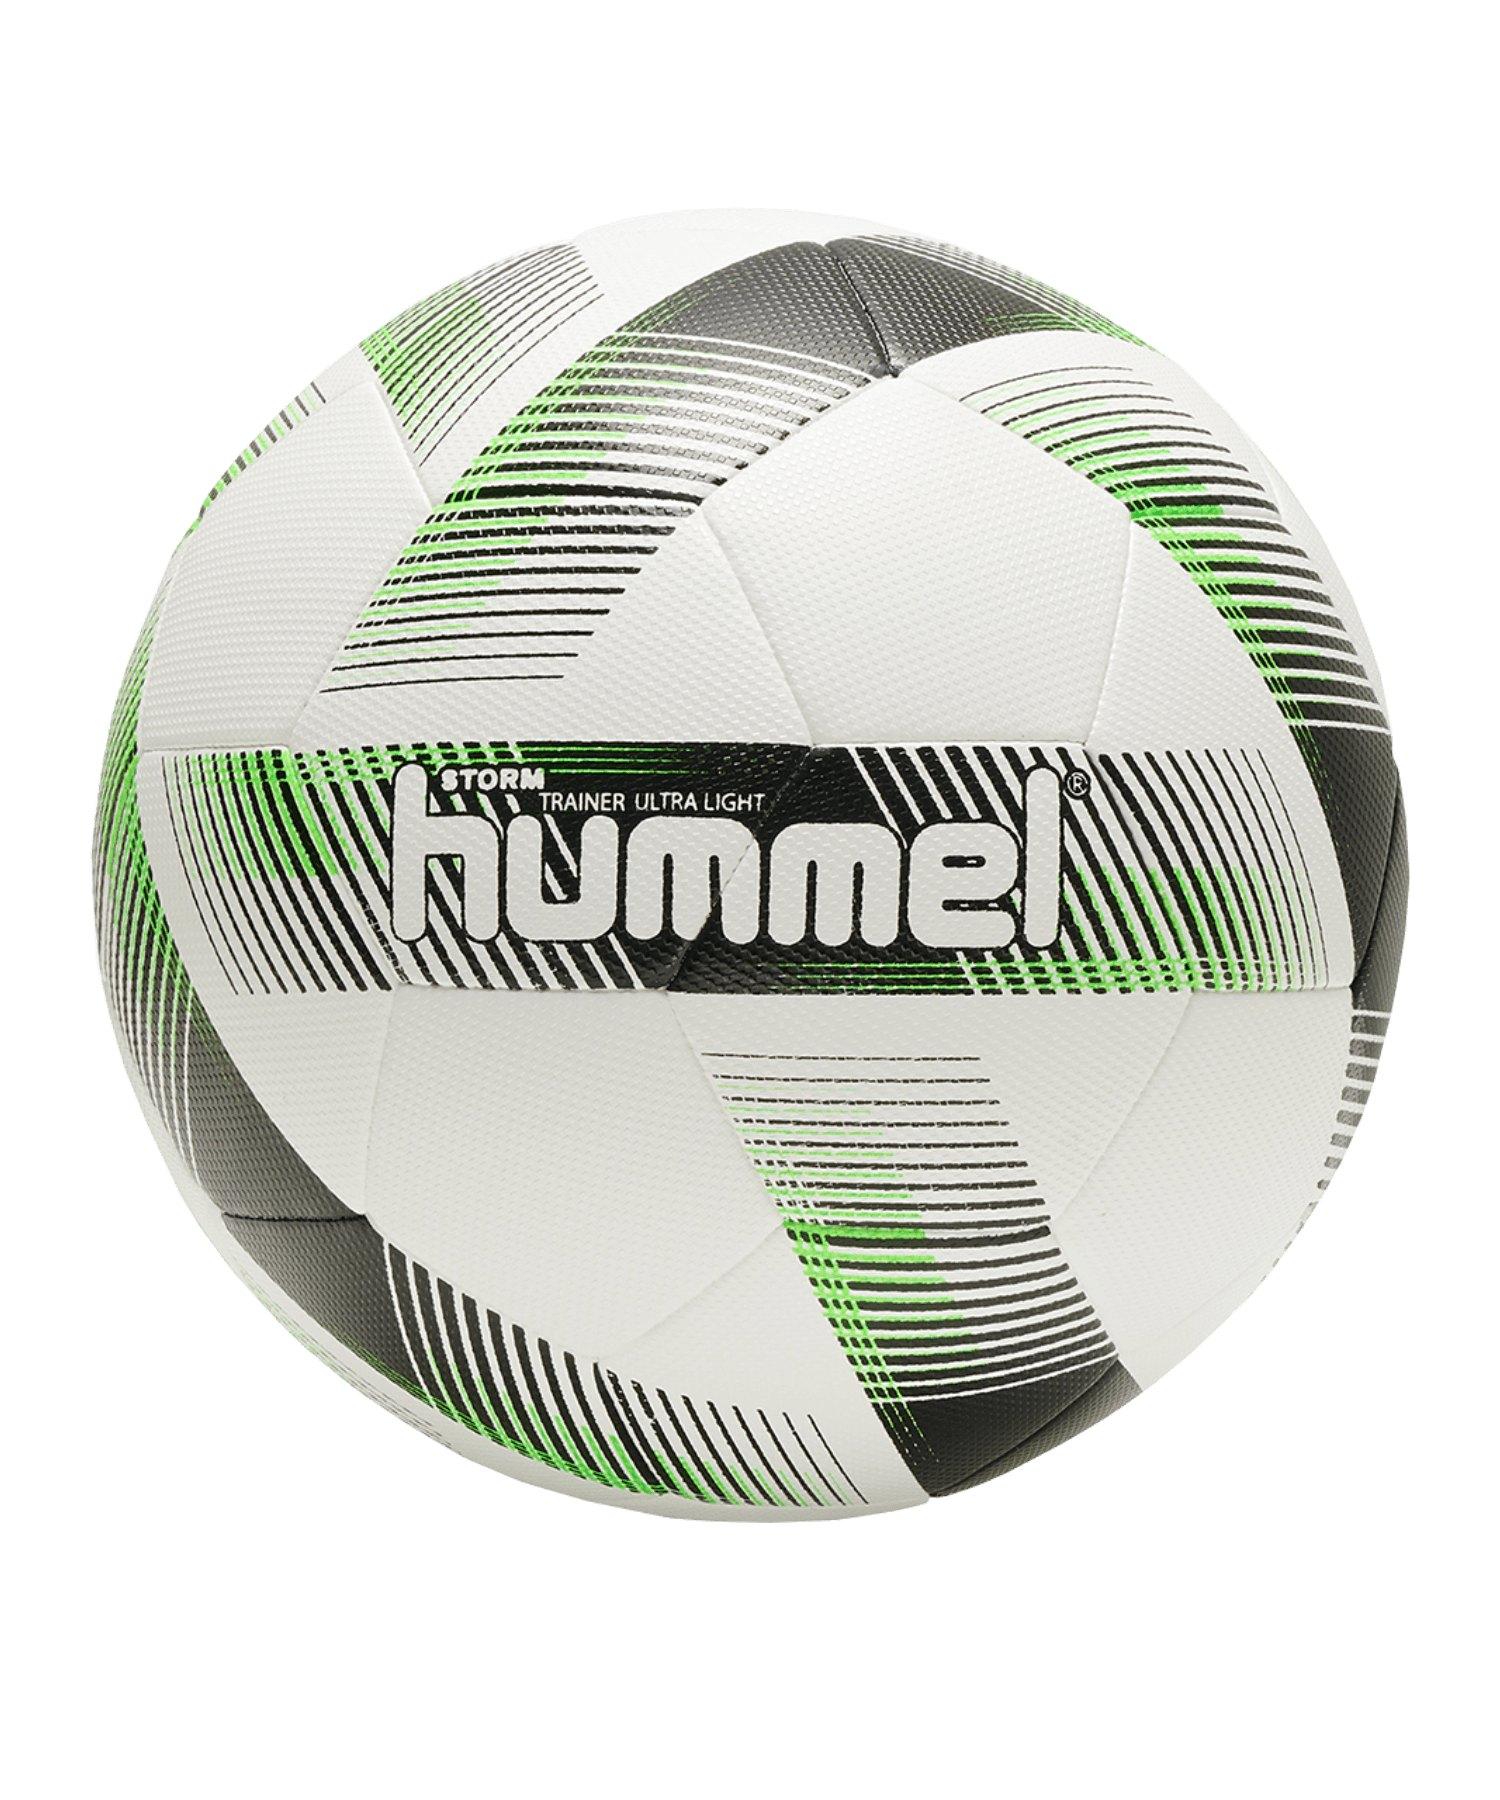 Hummel Storm Trainer Ultra Light 290 Gramm Fussball F9274 - Weiss